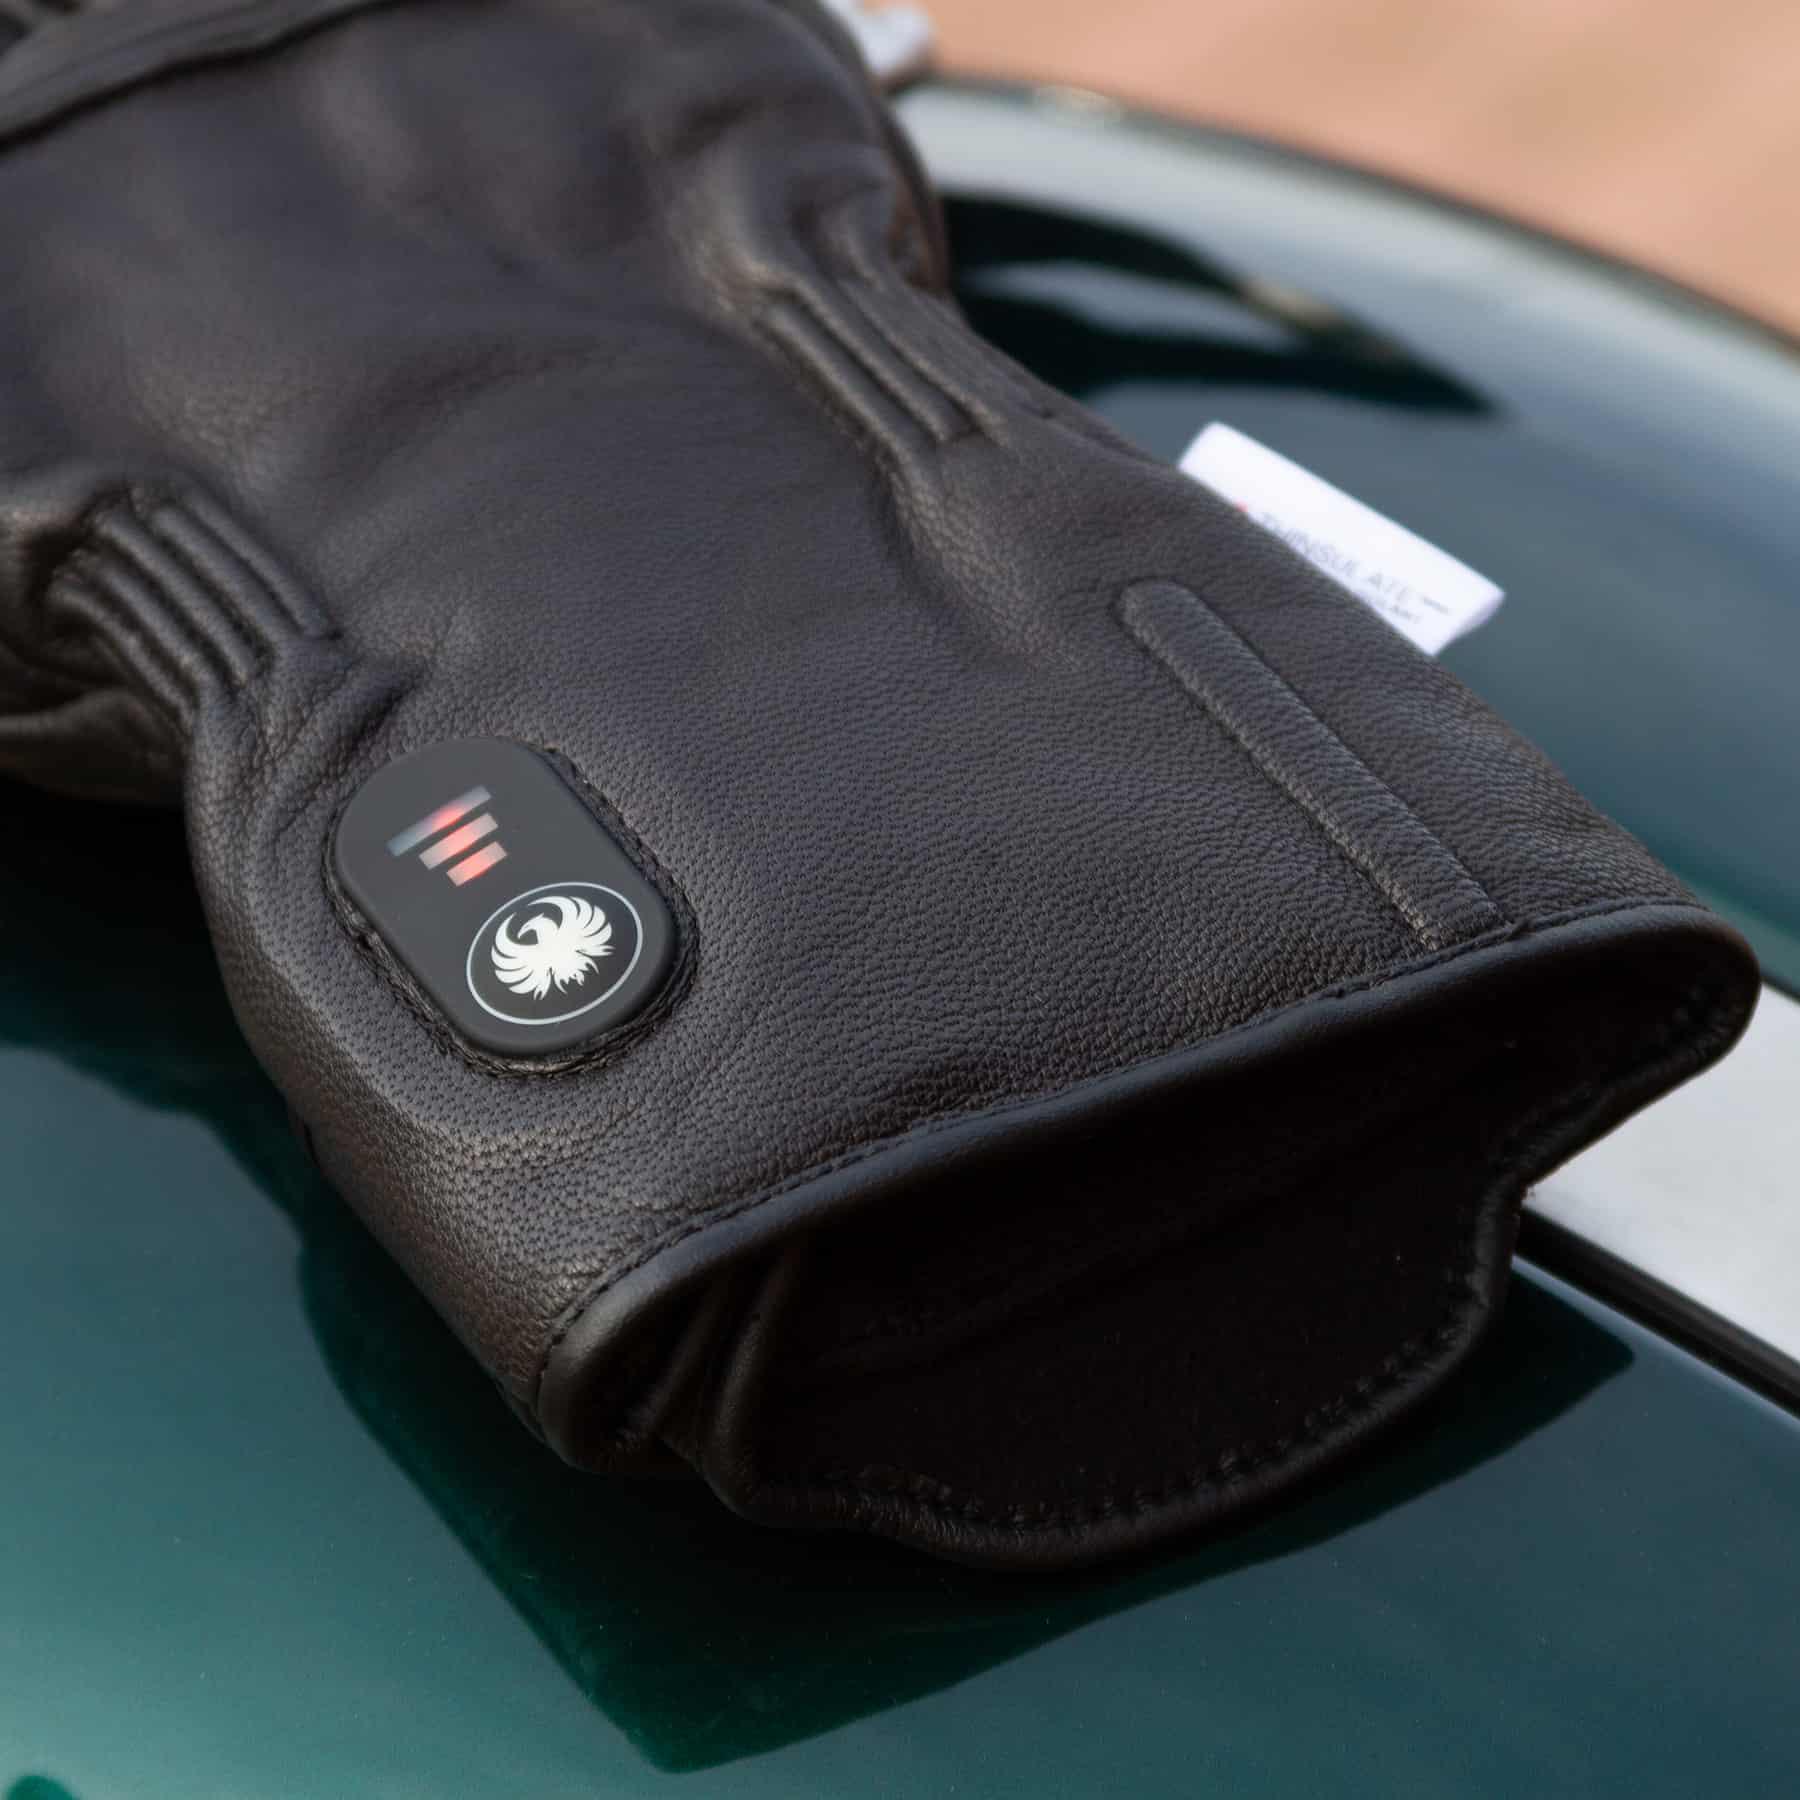 Merlin Minworth Heated motorcycle glove in black